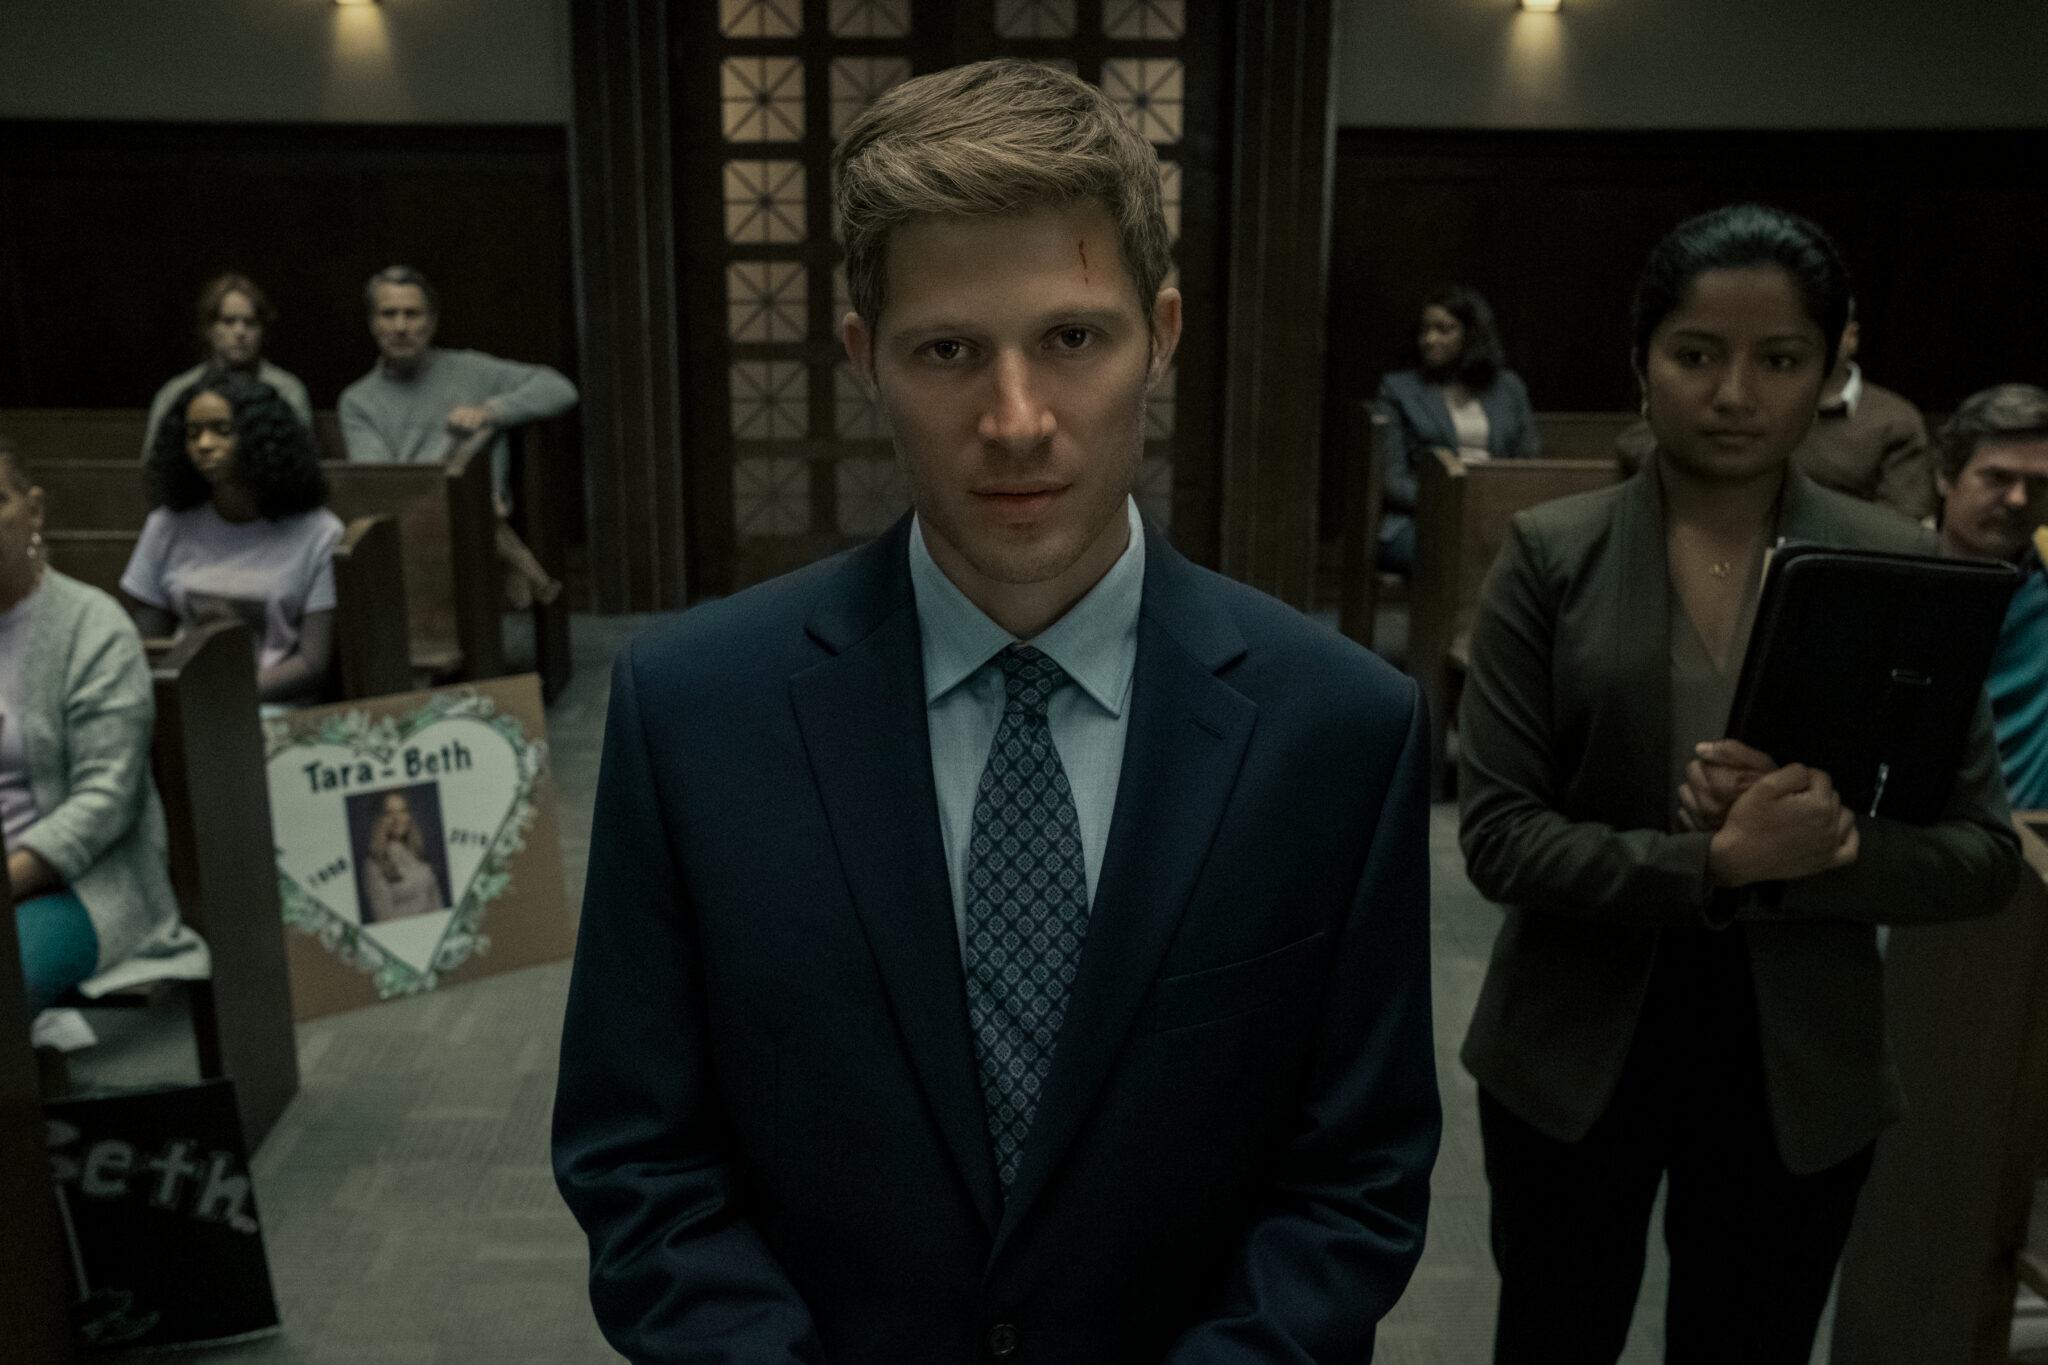 Riley Flynn (Zach Gilford) im Anzug in einem Gerichtsaal mit stoischem Gesichtsausdruck. Hinter ihm sieht man zahlreiche Personen in den Sitzreihen und rechts neben ihm eine junge Frau, die eine Mappe vor ihrer Brust hält - Midnight Mass